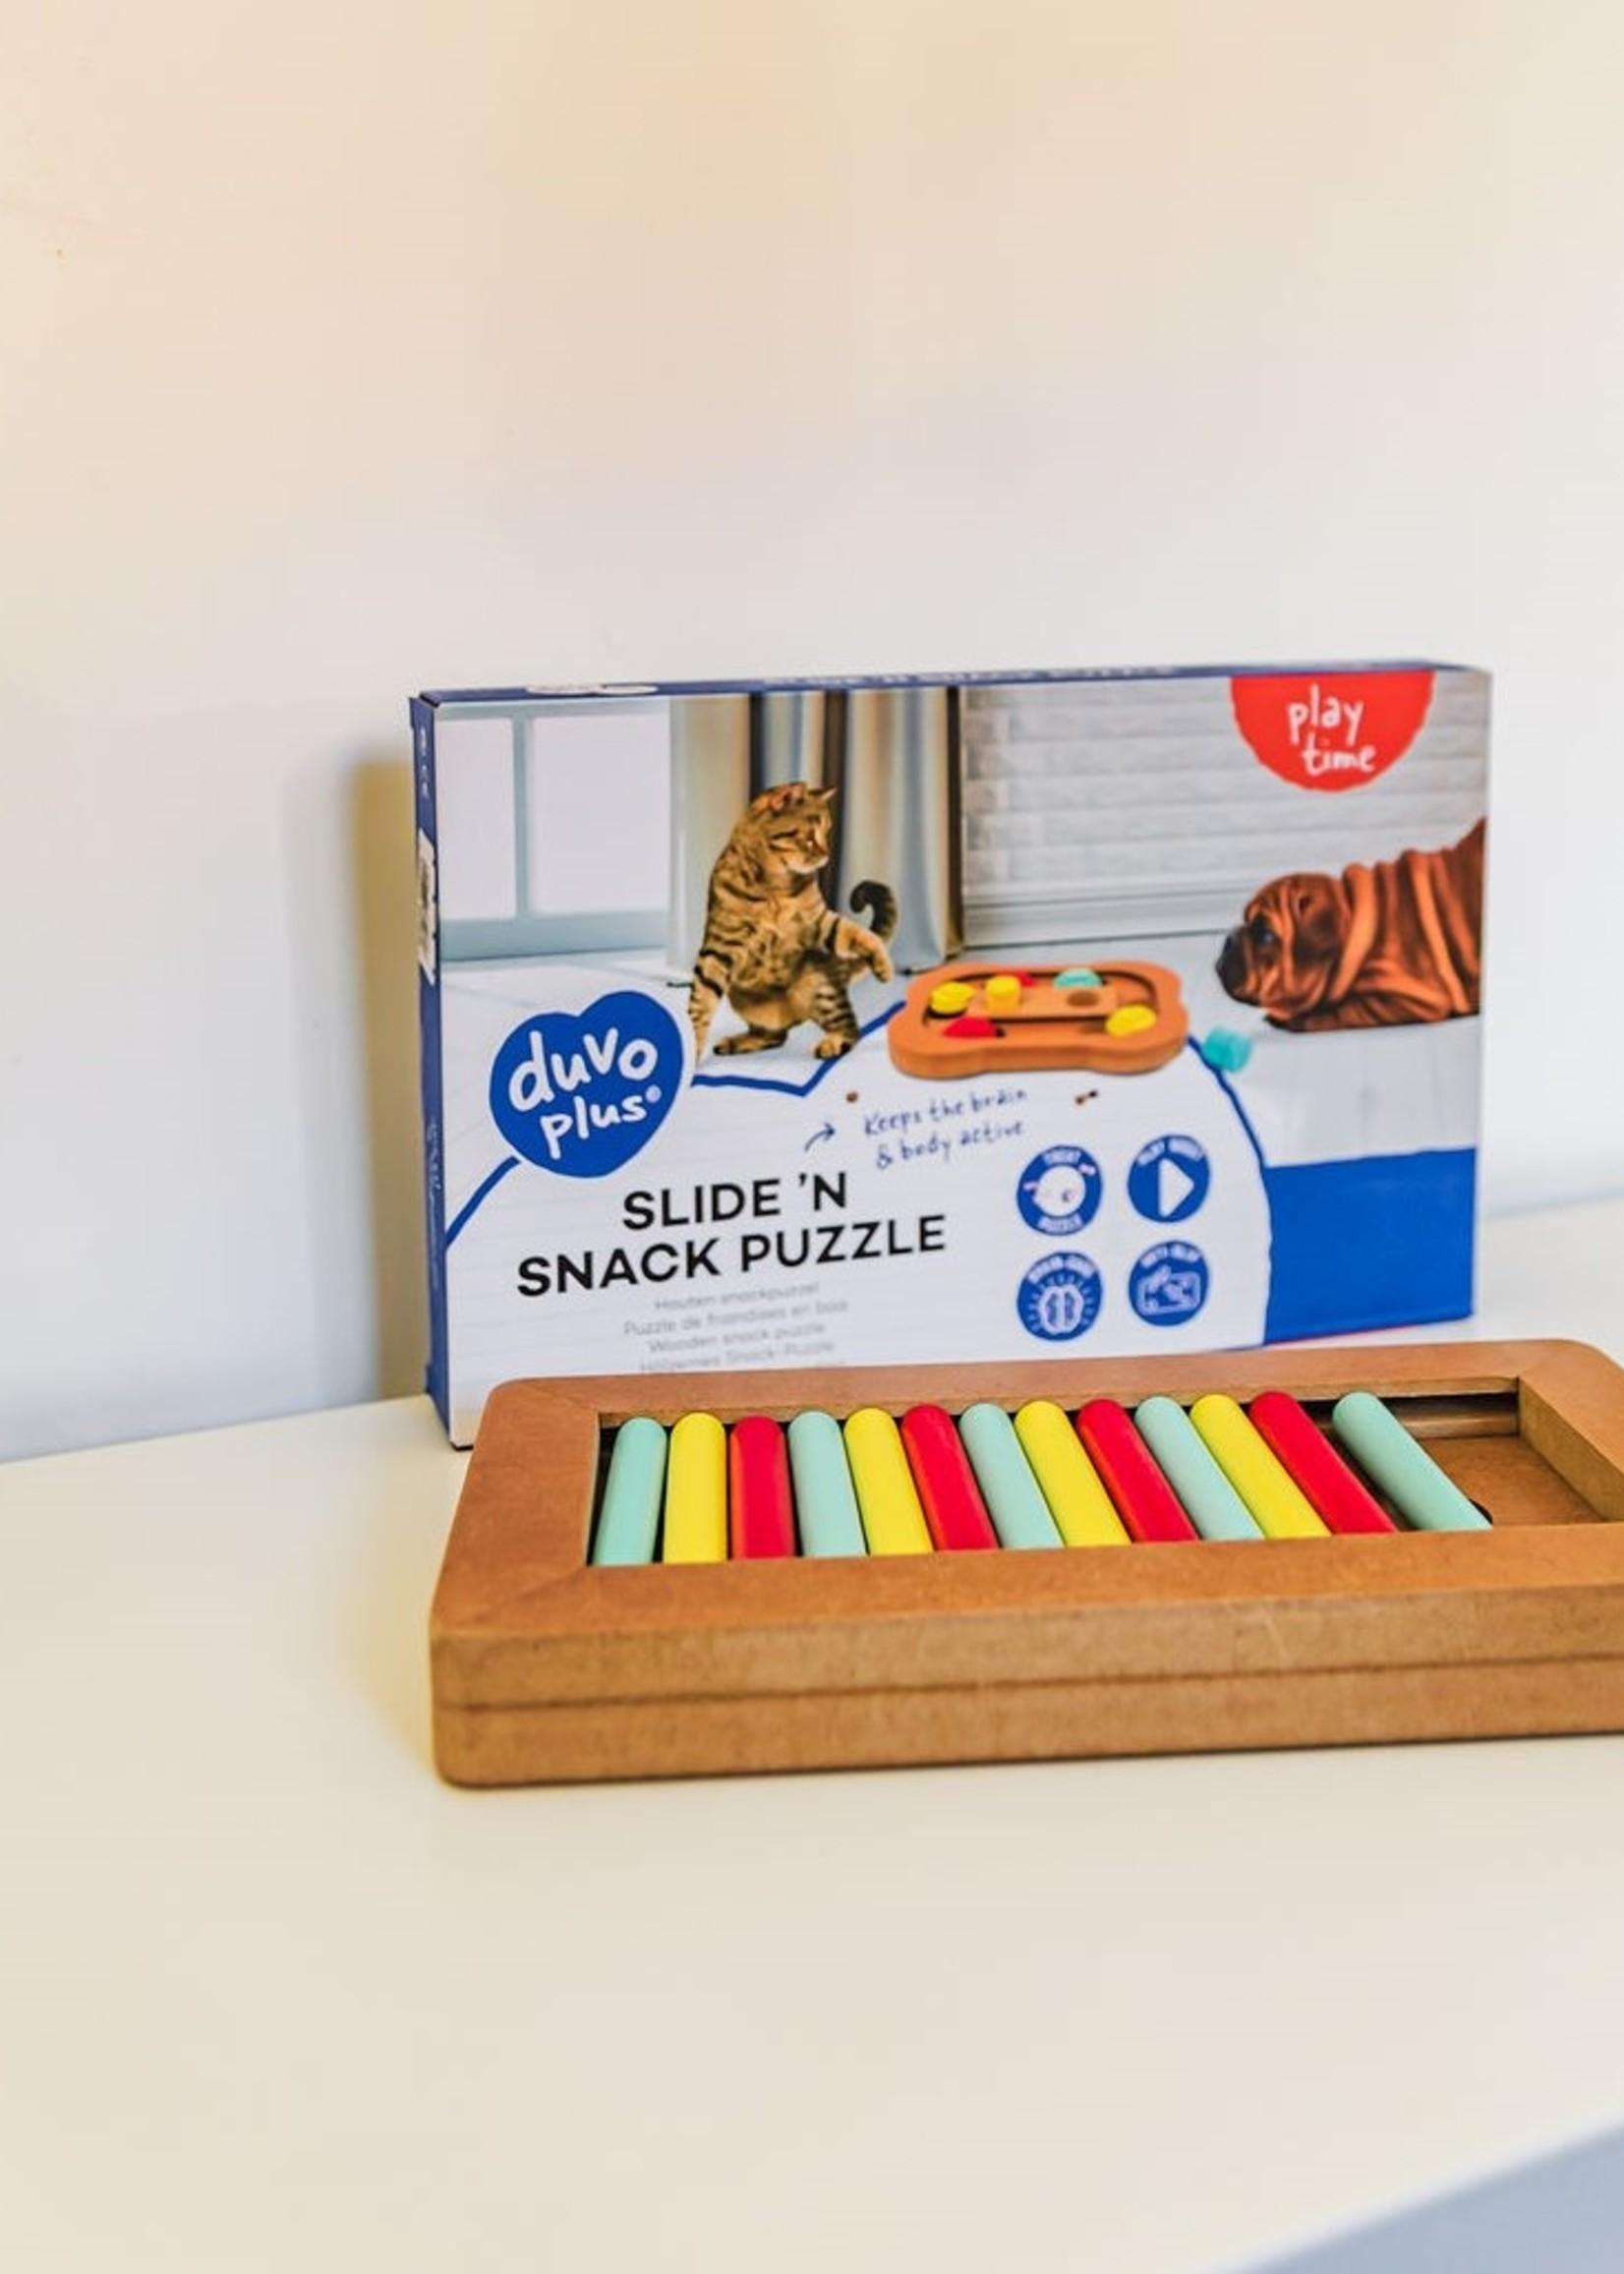 Duvo+ Slide 'n snack puzzle